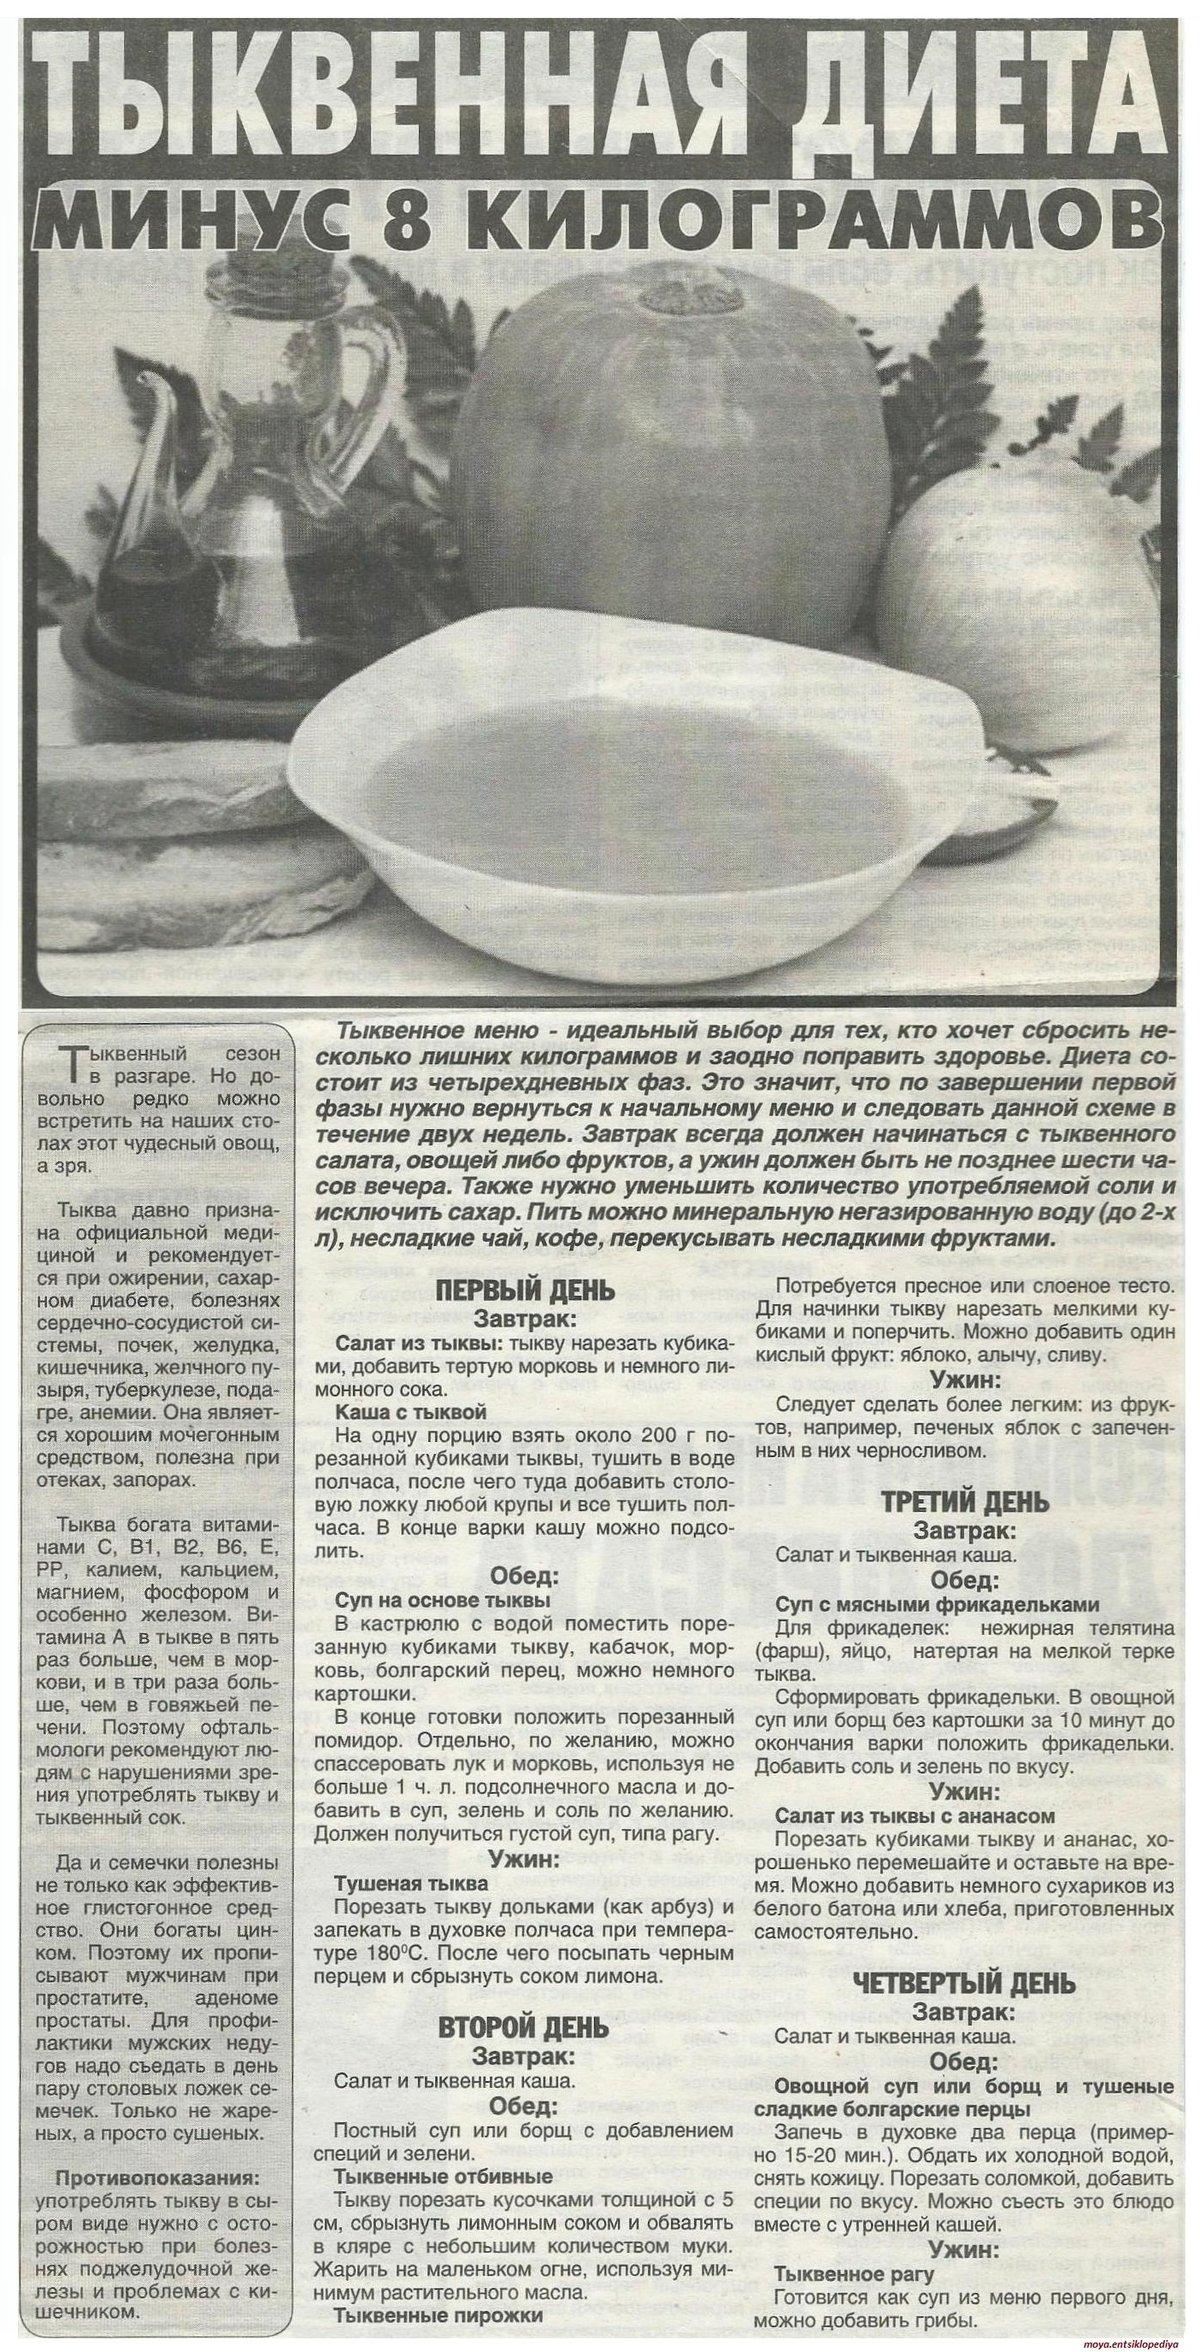 Тыквенная Диета Кто На Ней Похудел. Тыквенная диета для похудения: меню, рецепты и отзывы. Похудей на 5-10 кг